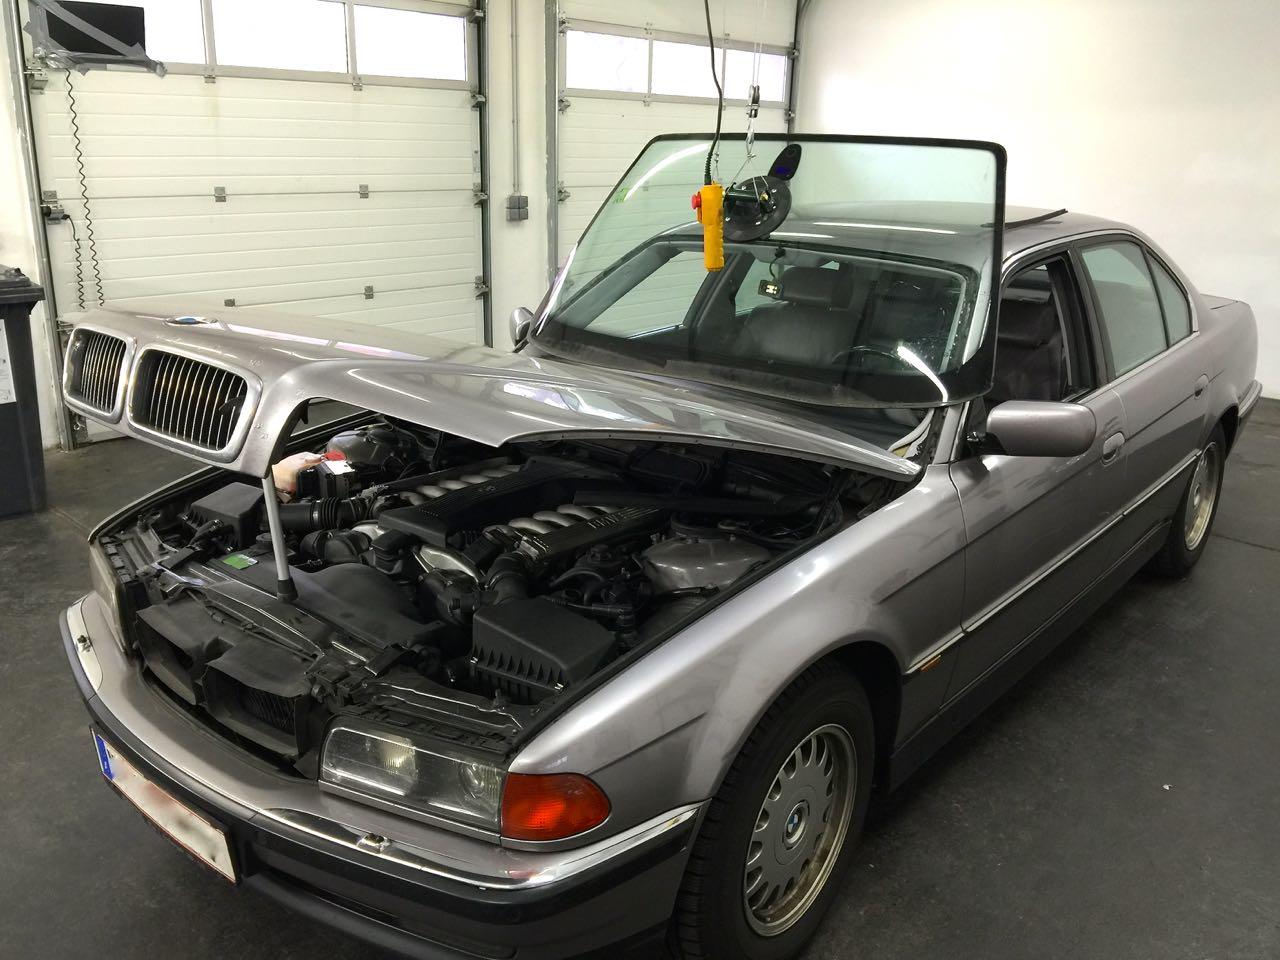 BMW 7er am Kran schwebende Scheibe